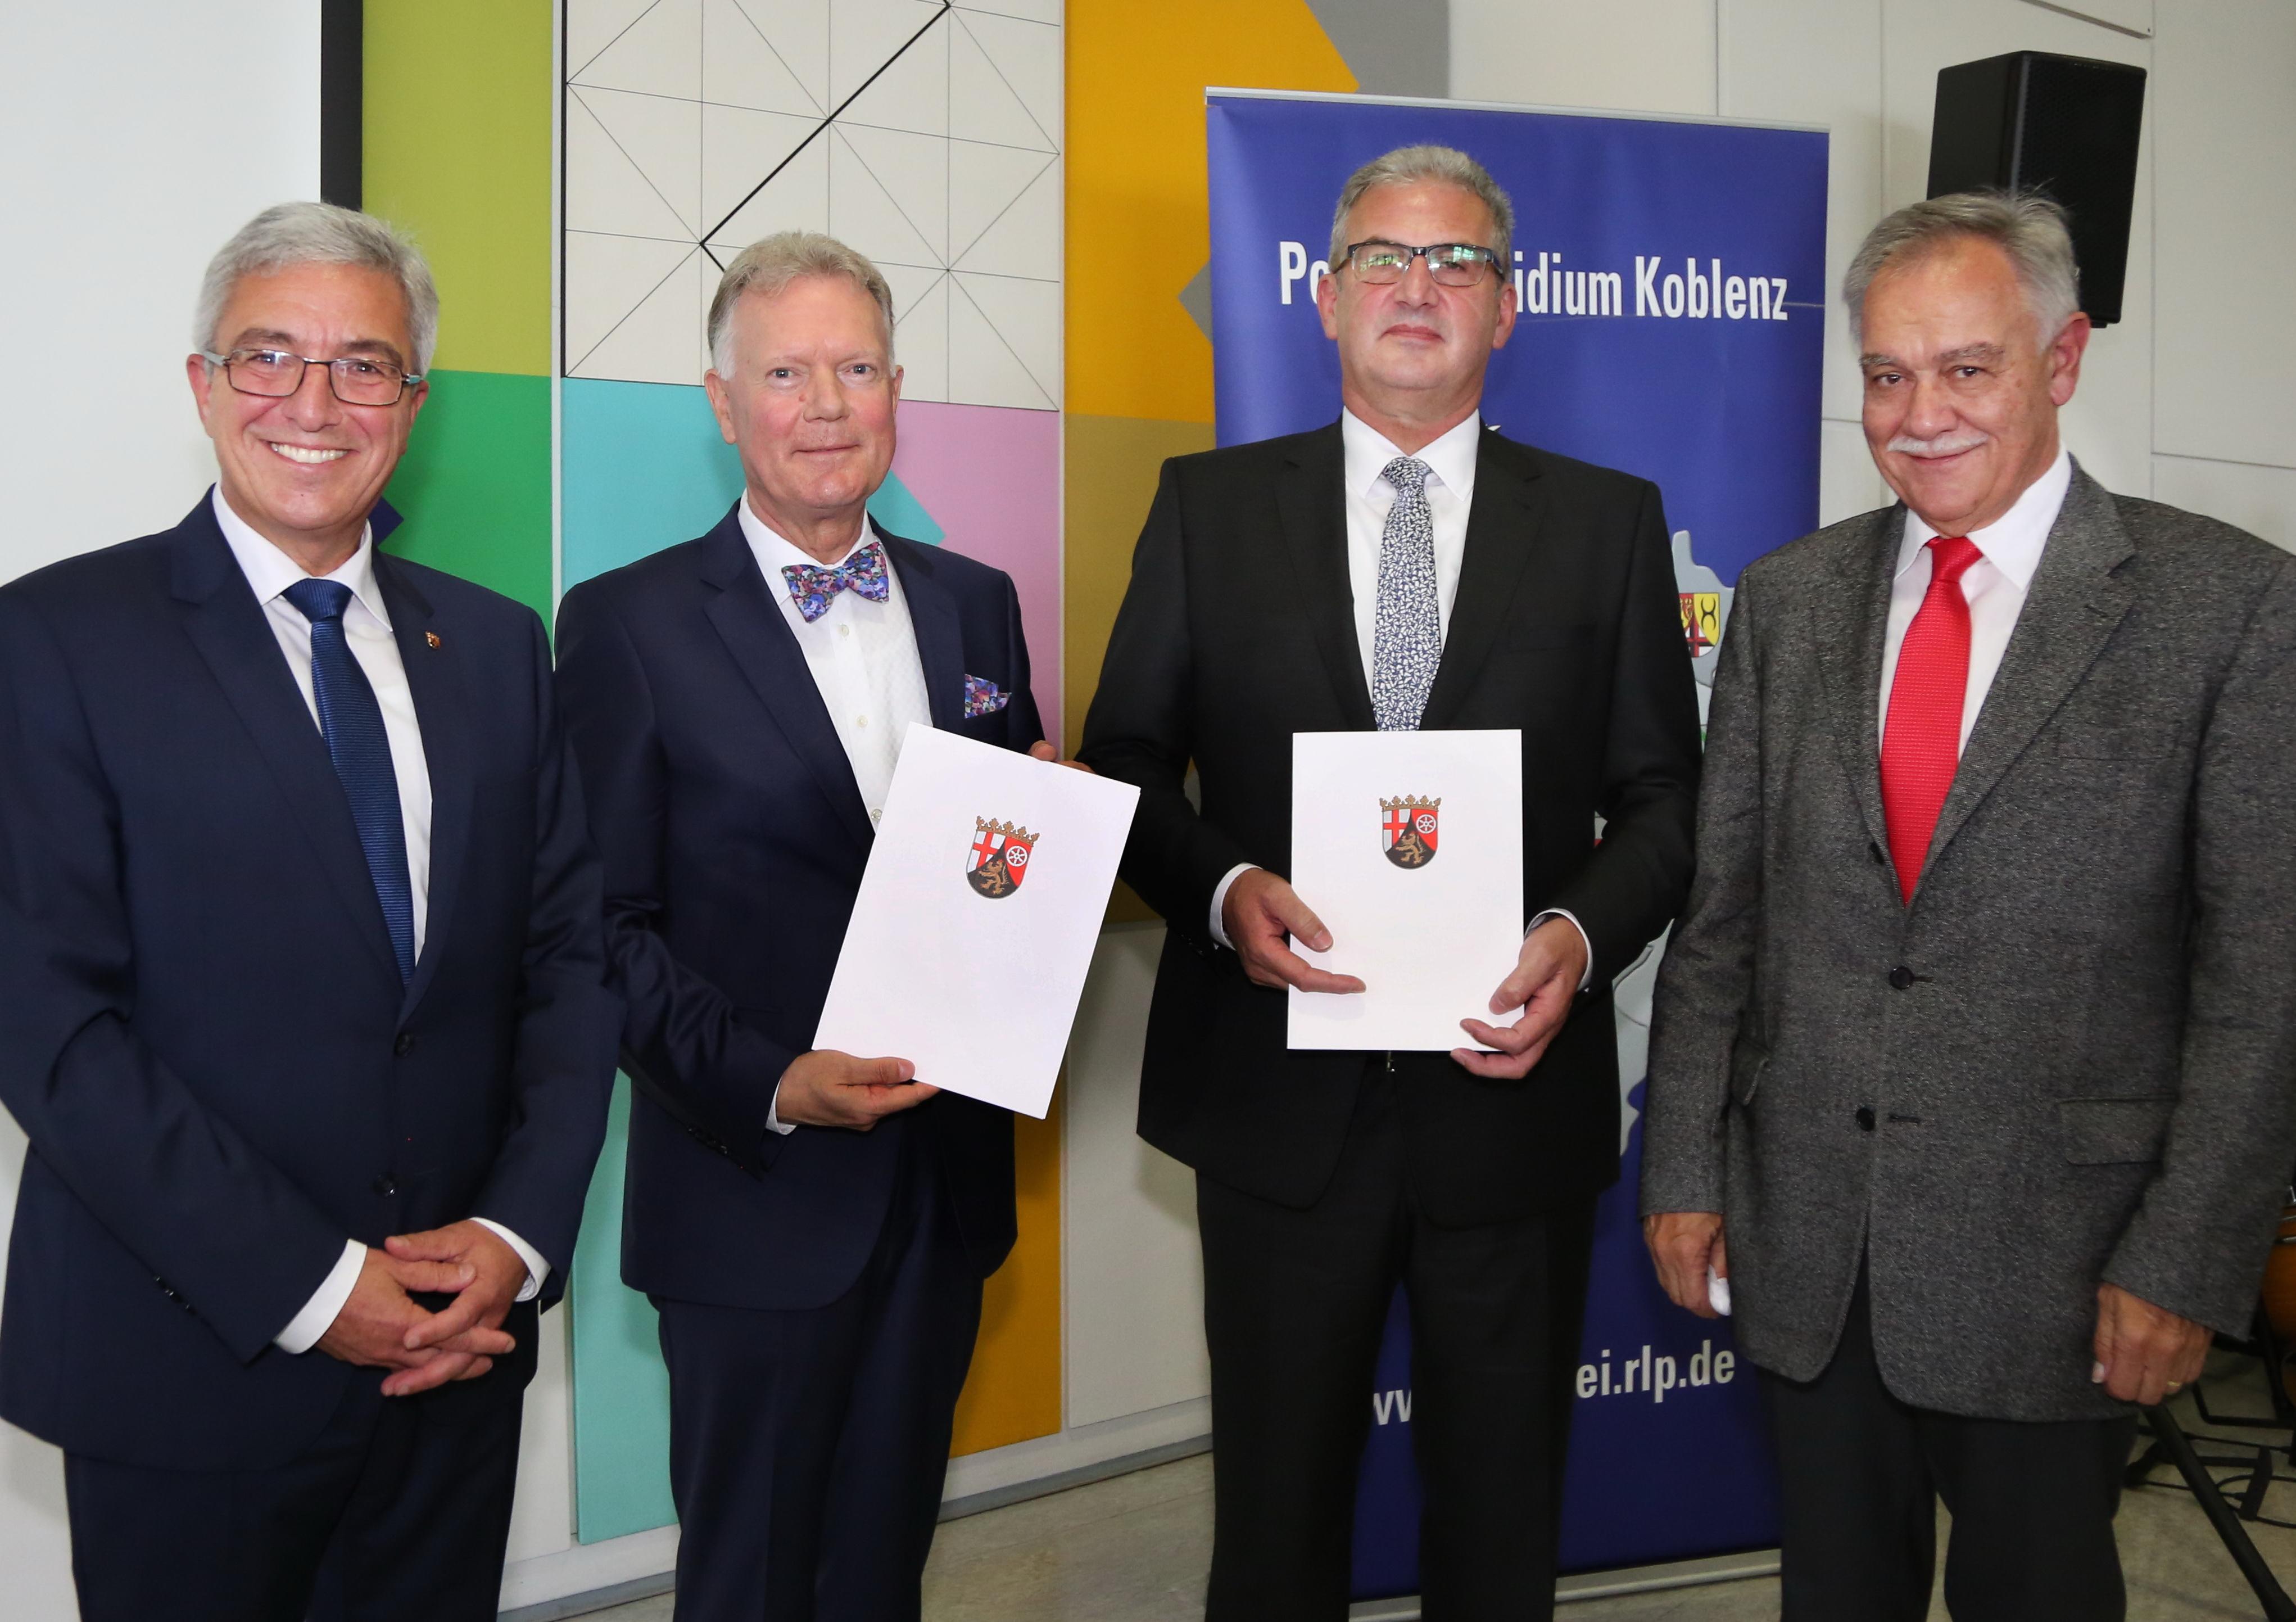 Roger Lewenz, Wolfgang Fromm, Karl Heinz Maron, Polizeipräsidium Koblenz